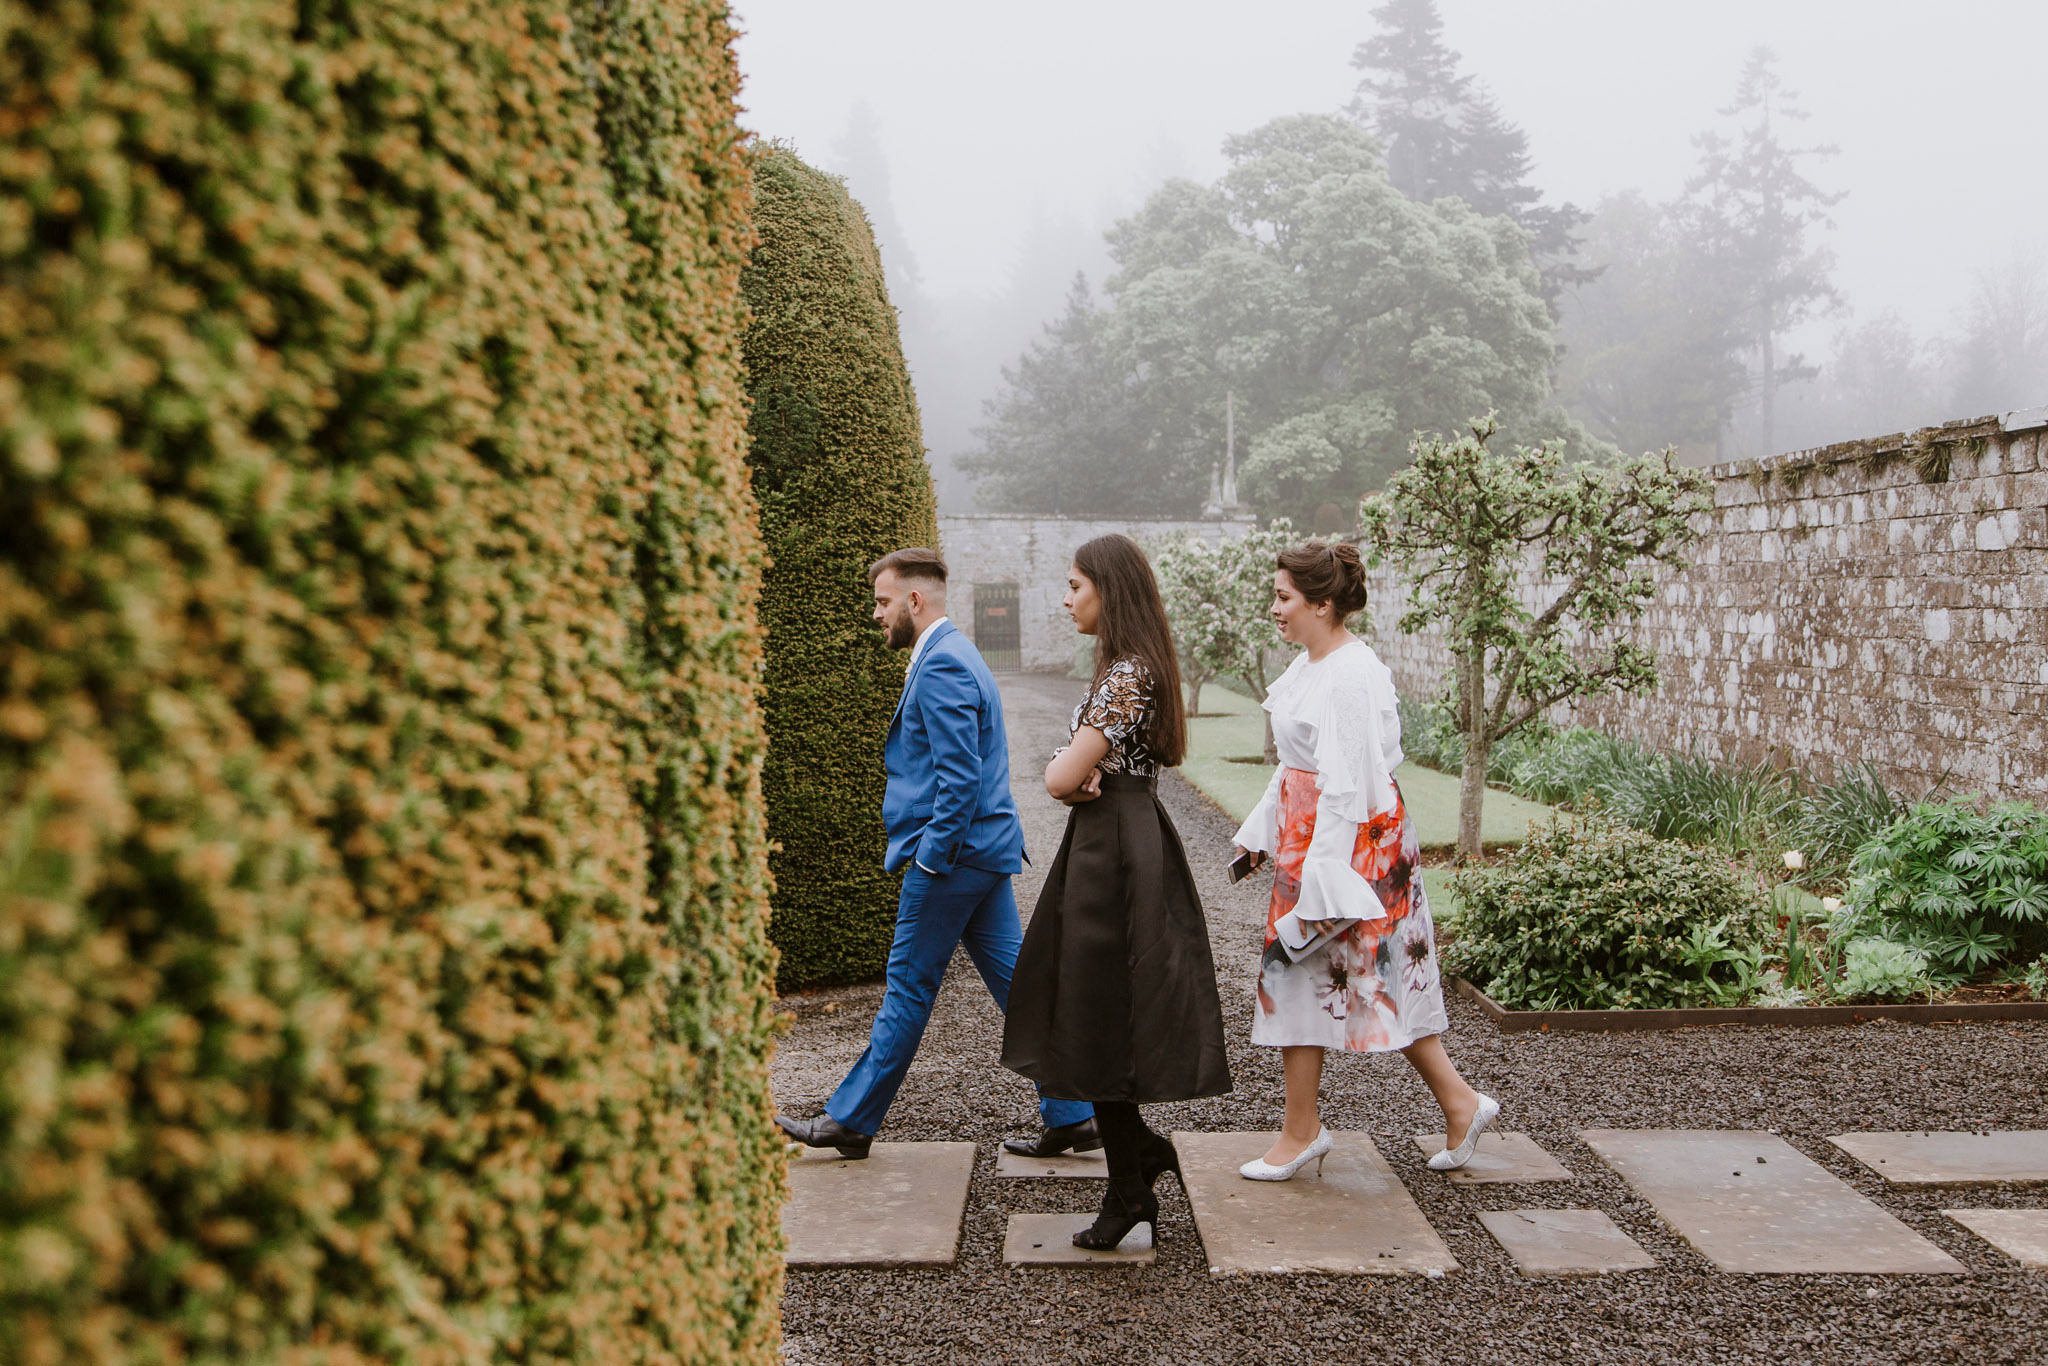 scotland-wedding-elopement-photographer-029.jpg